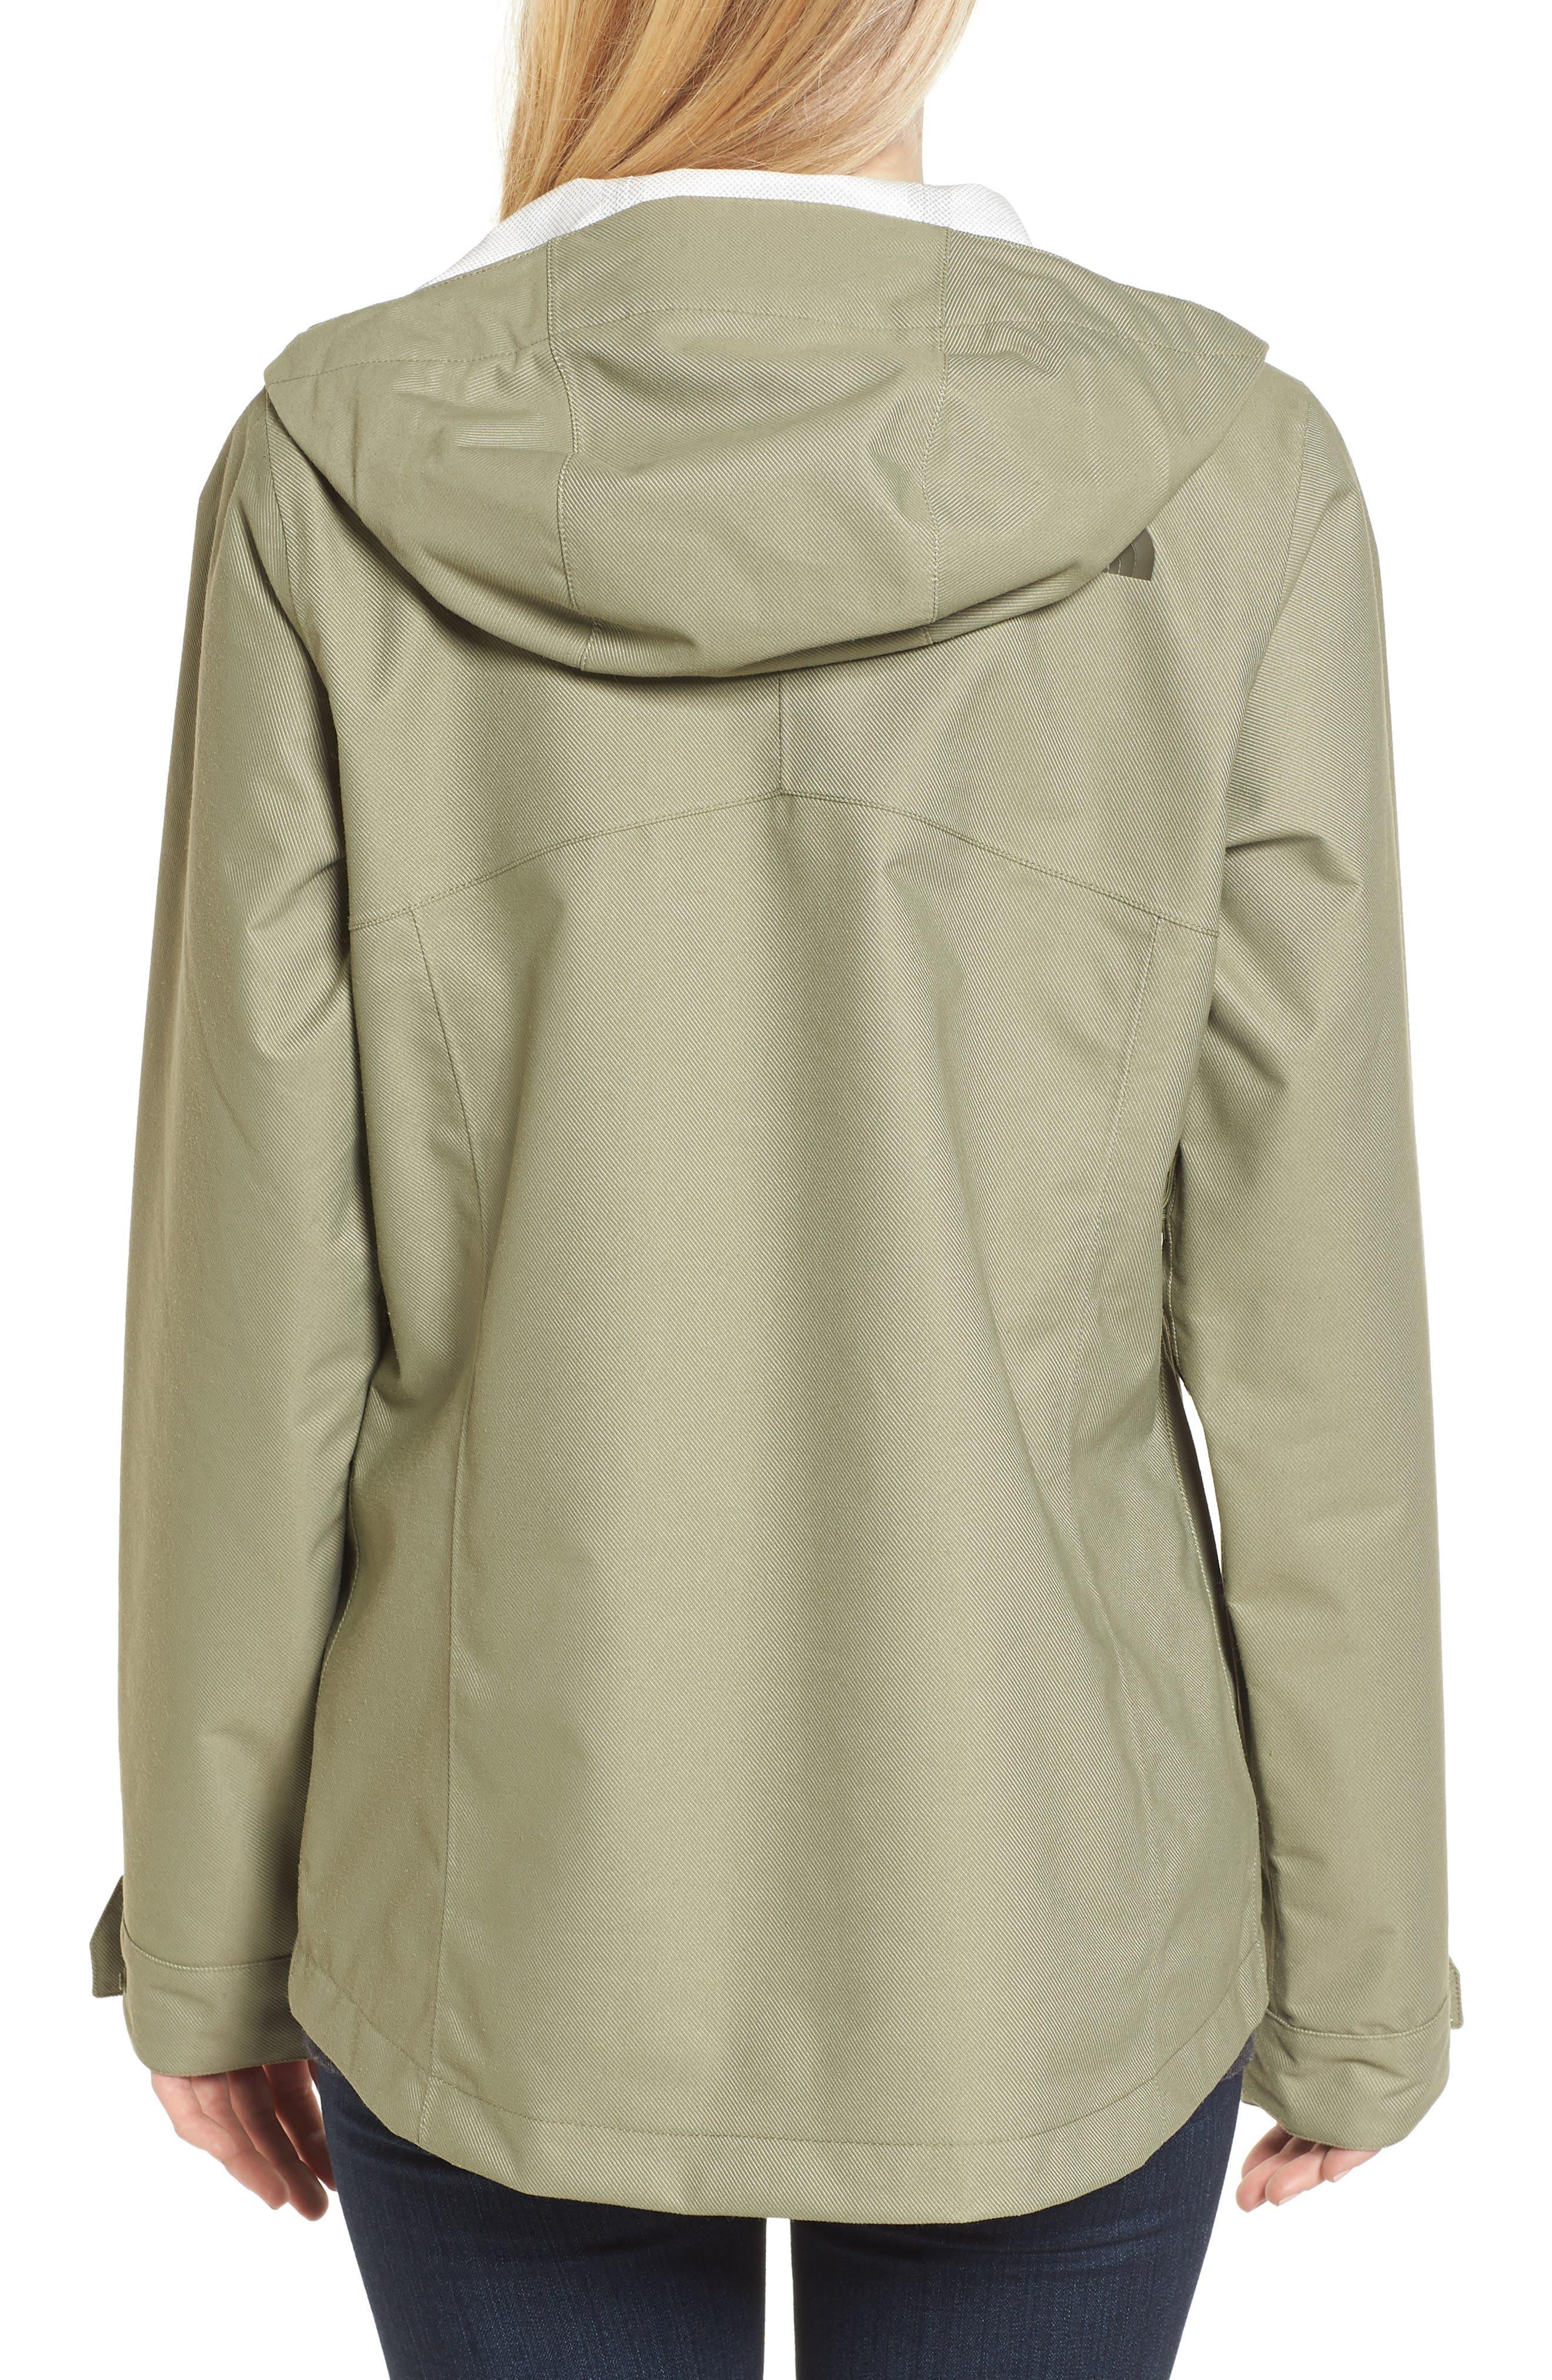 Berrien Waterproof Jacket,                             Alternate thumbnail 2, color,                             301